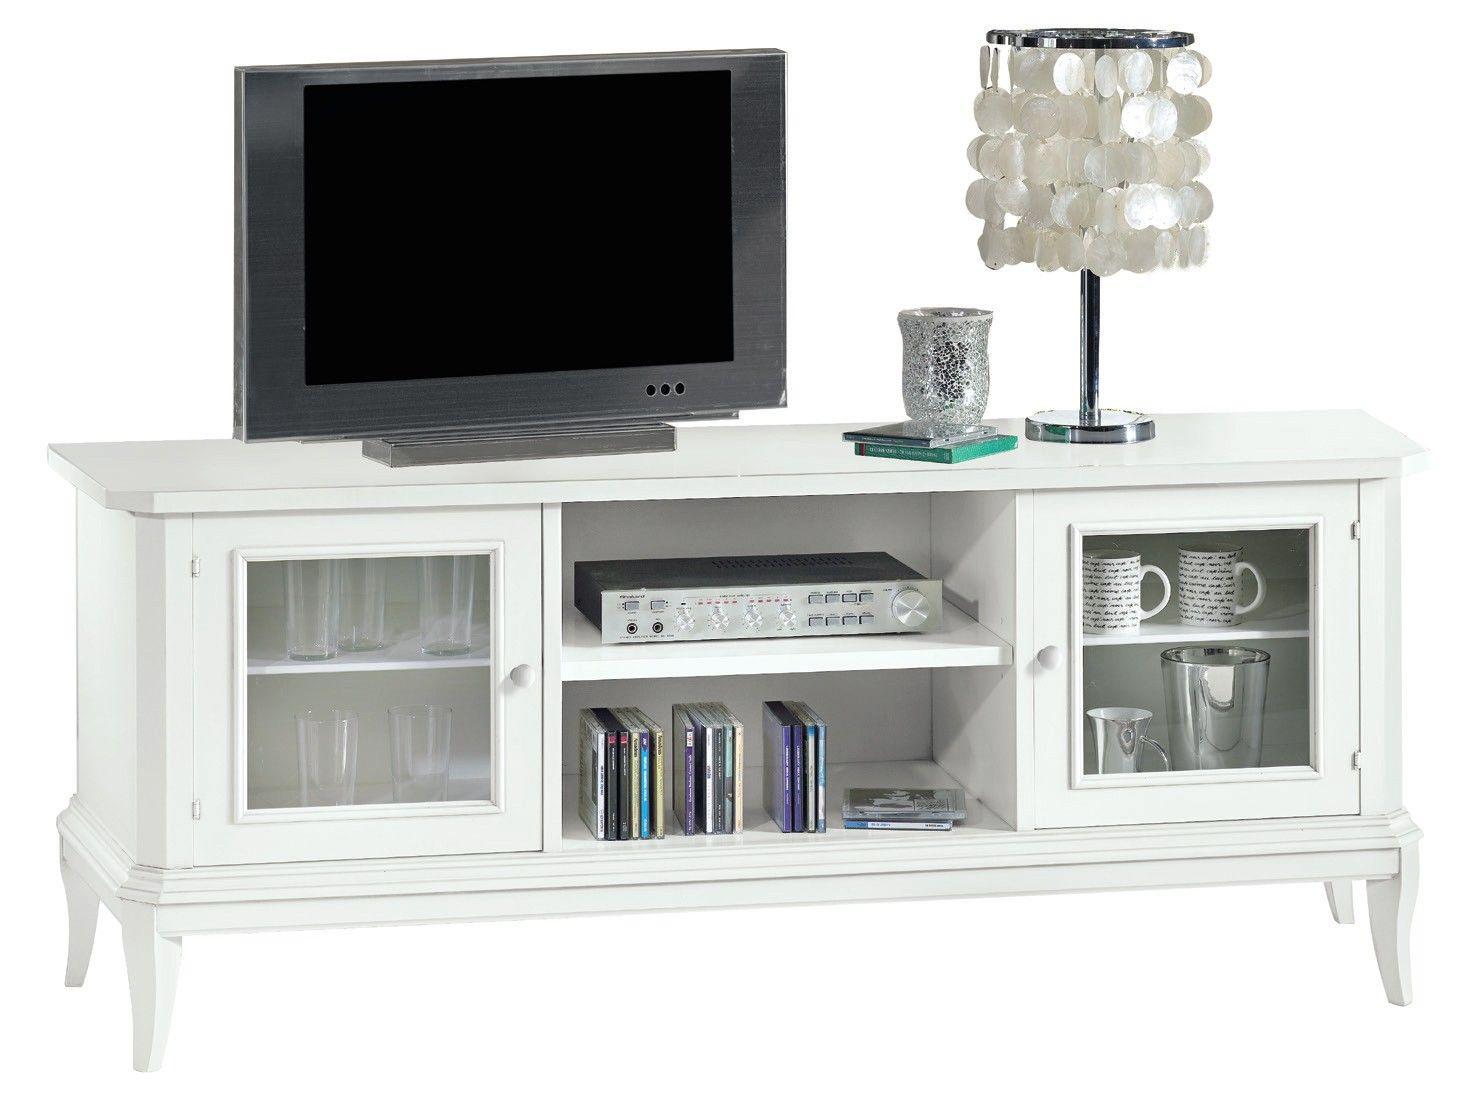 Credenza Porta Tv Ikea : Mobili porta tv moderni economici. economici